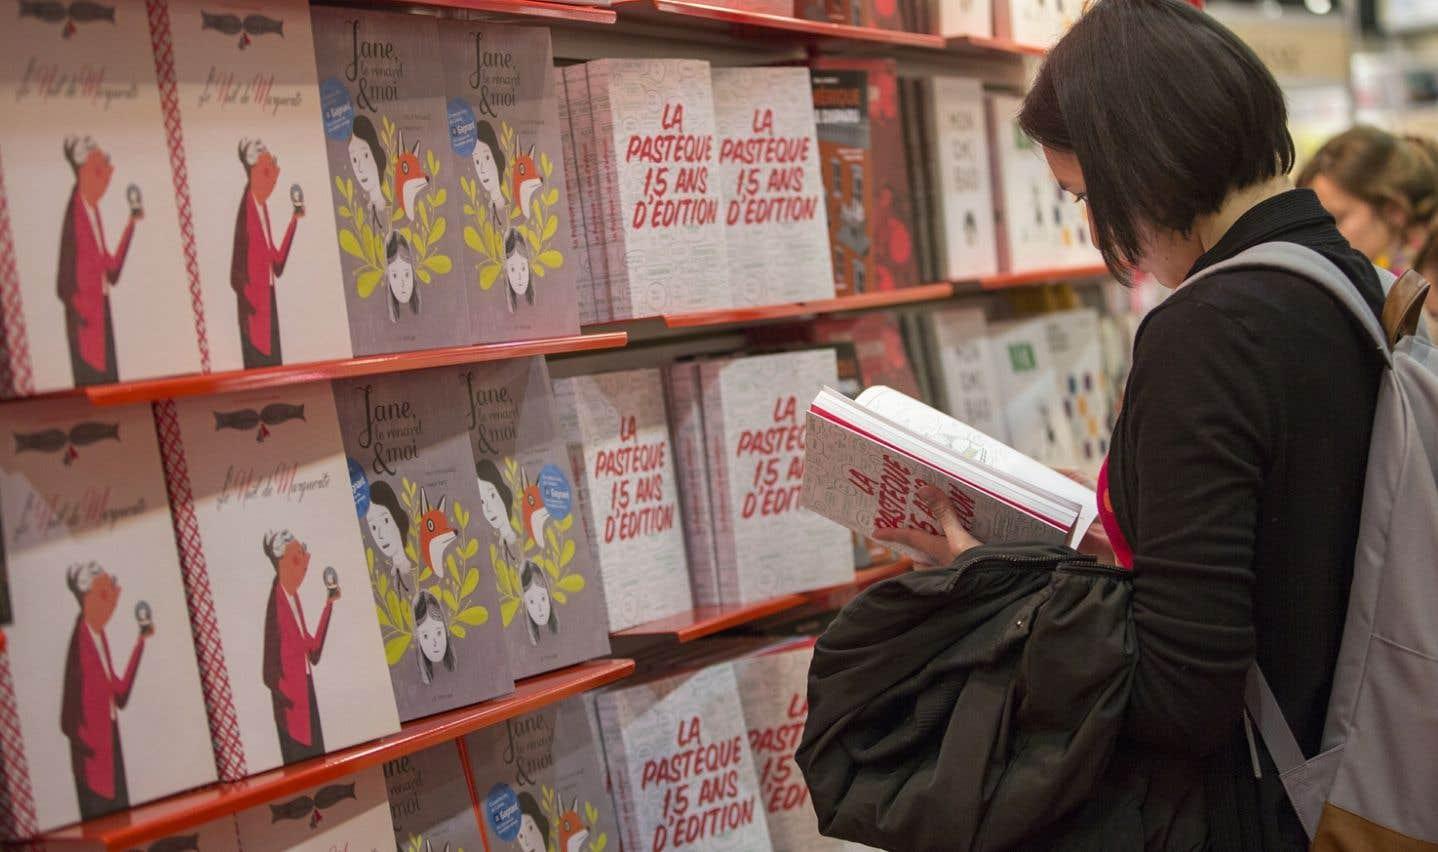 Le mouvement « Sauvons les livres » regroupe des éditeurs, des libraires et des auteurs. Il est né dans la foulée de la commission parlementaire qui avait étudié, à l'automne dernier, la réglementation du prix de vente des livres neufs.